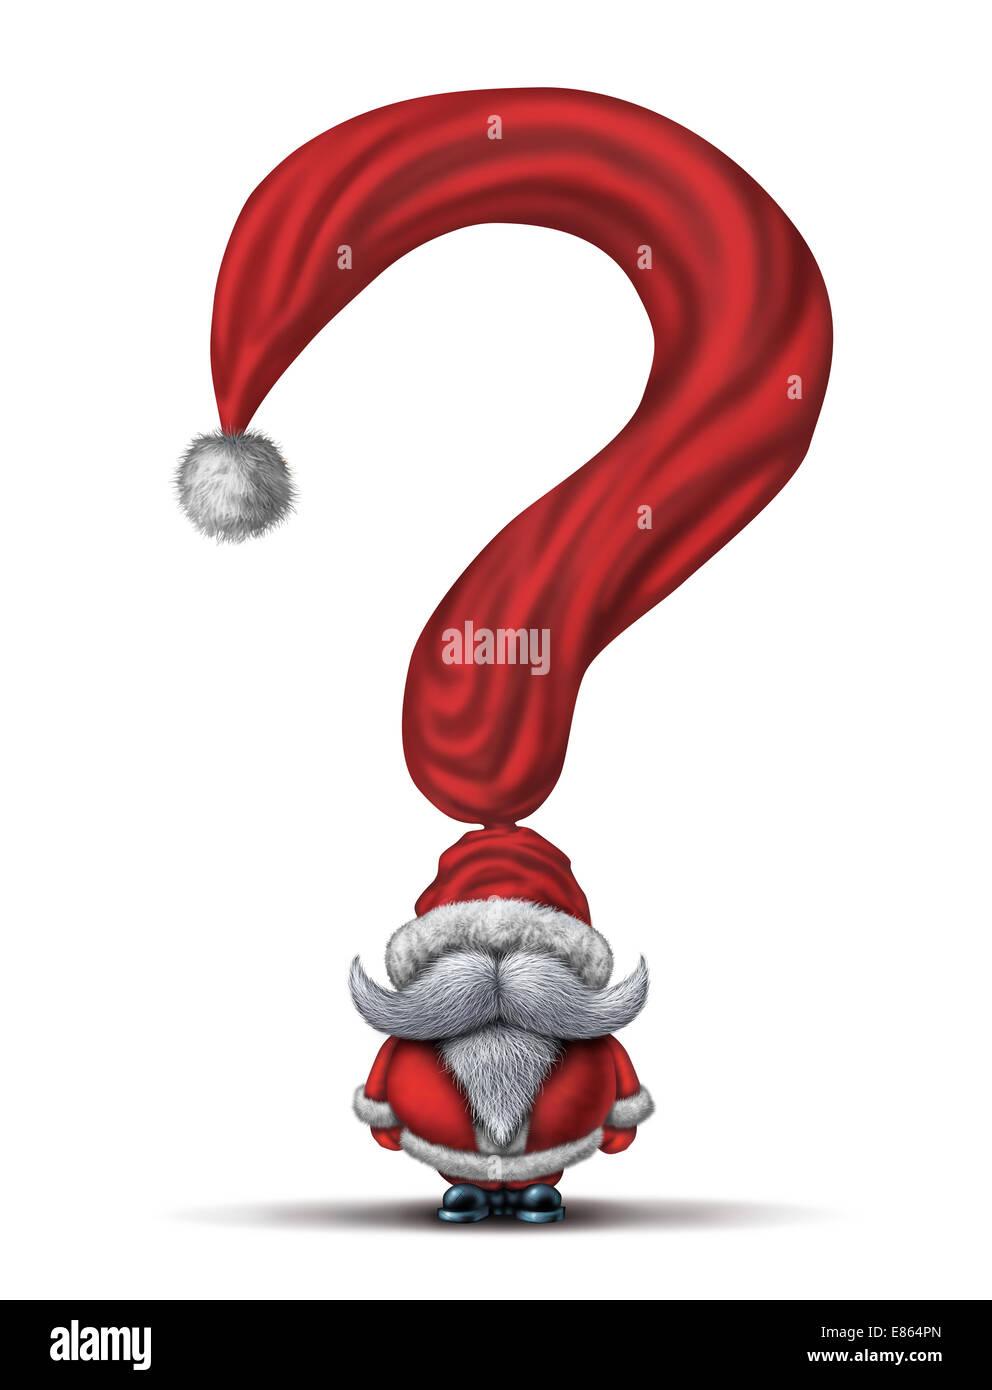 Weihnachten-Fragen und Urlaub Geschenk kaufen Guide Symbol als Santa ...